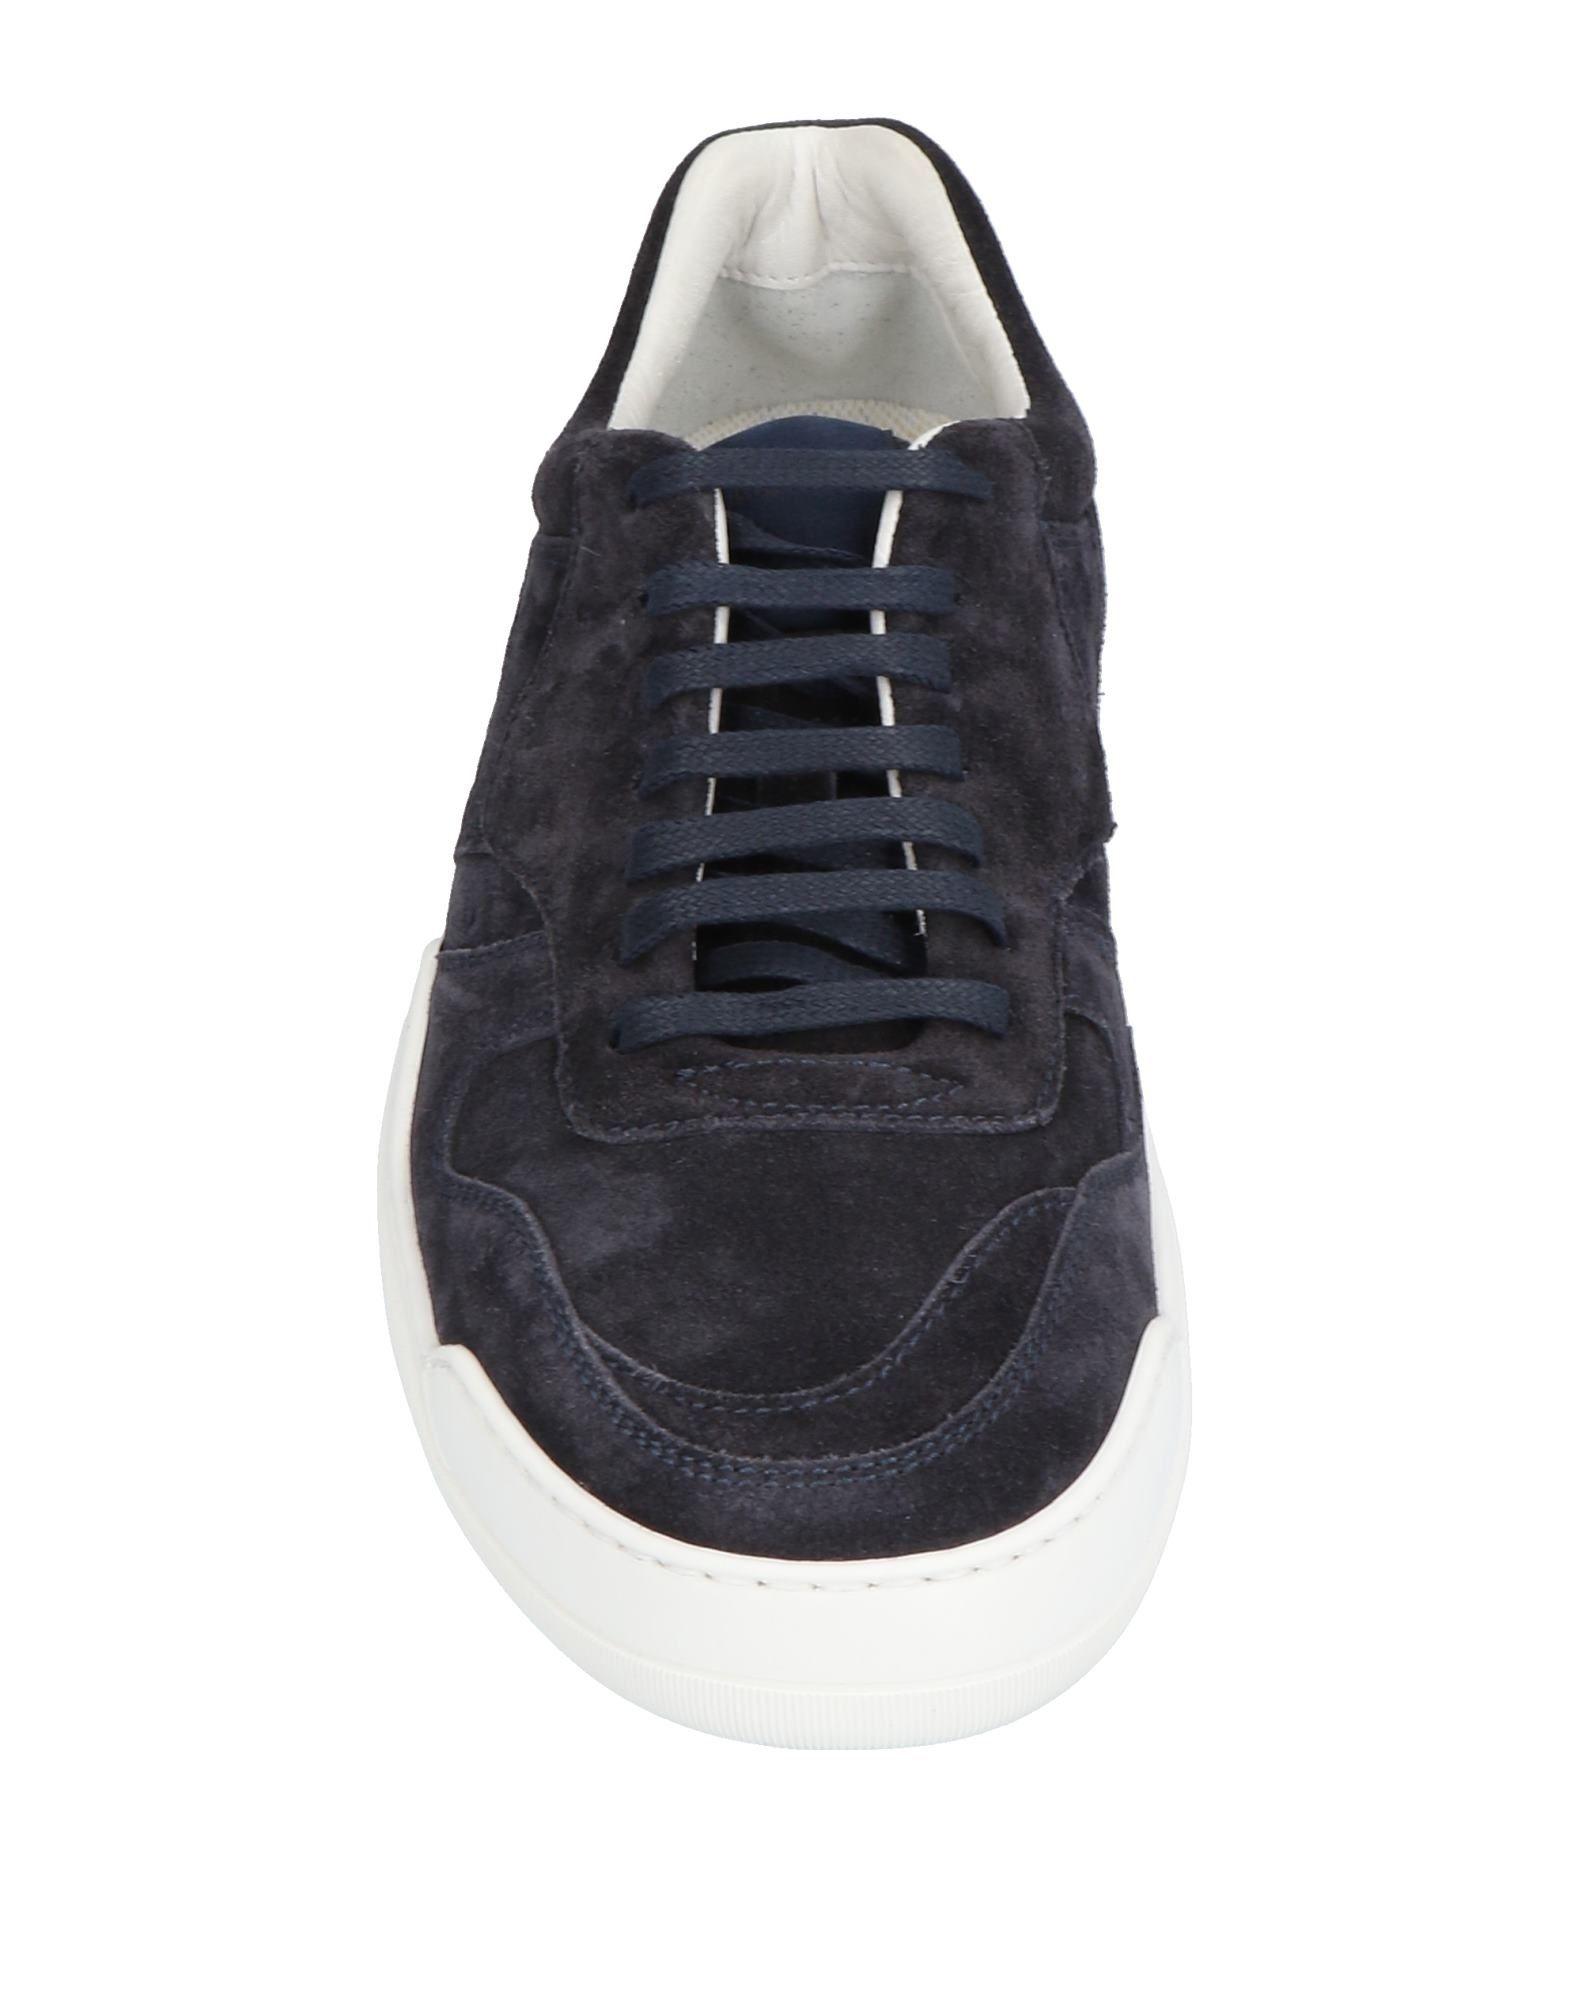 Zzegna Gute Sneakers Herren  11486935AC Gute Zzegna Qualität beliebte Schuhe 2c4613